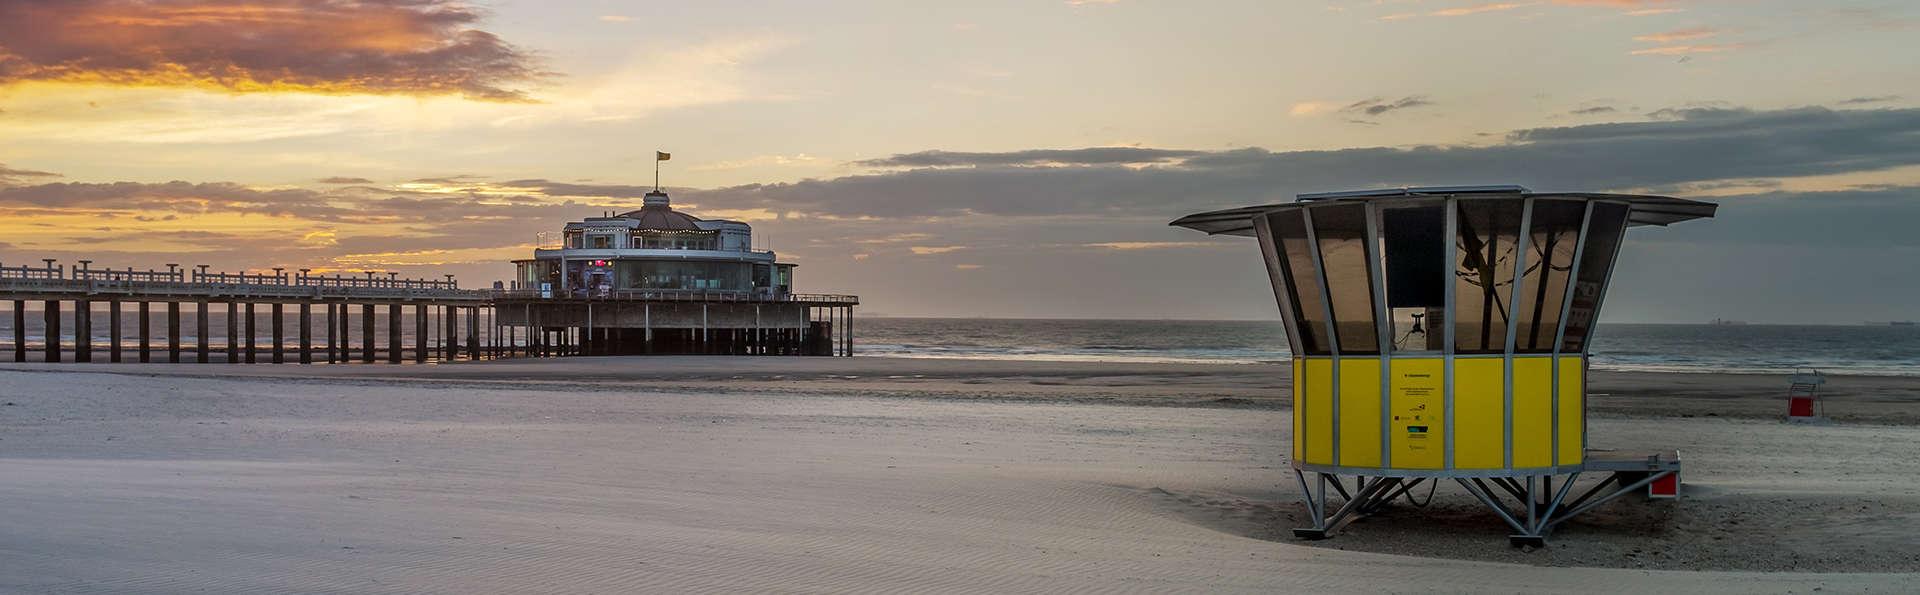 Hotel Moby Dick by WP Hotels  - Edit_Blankenberge5.jpg